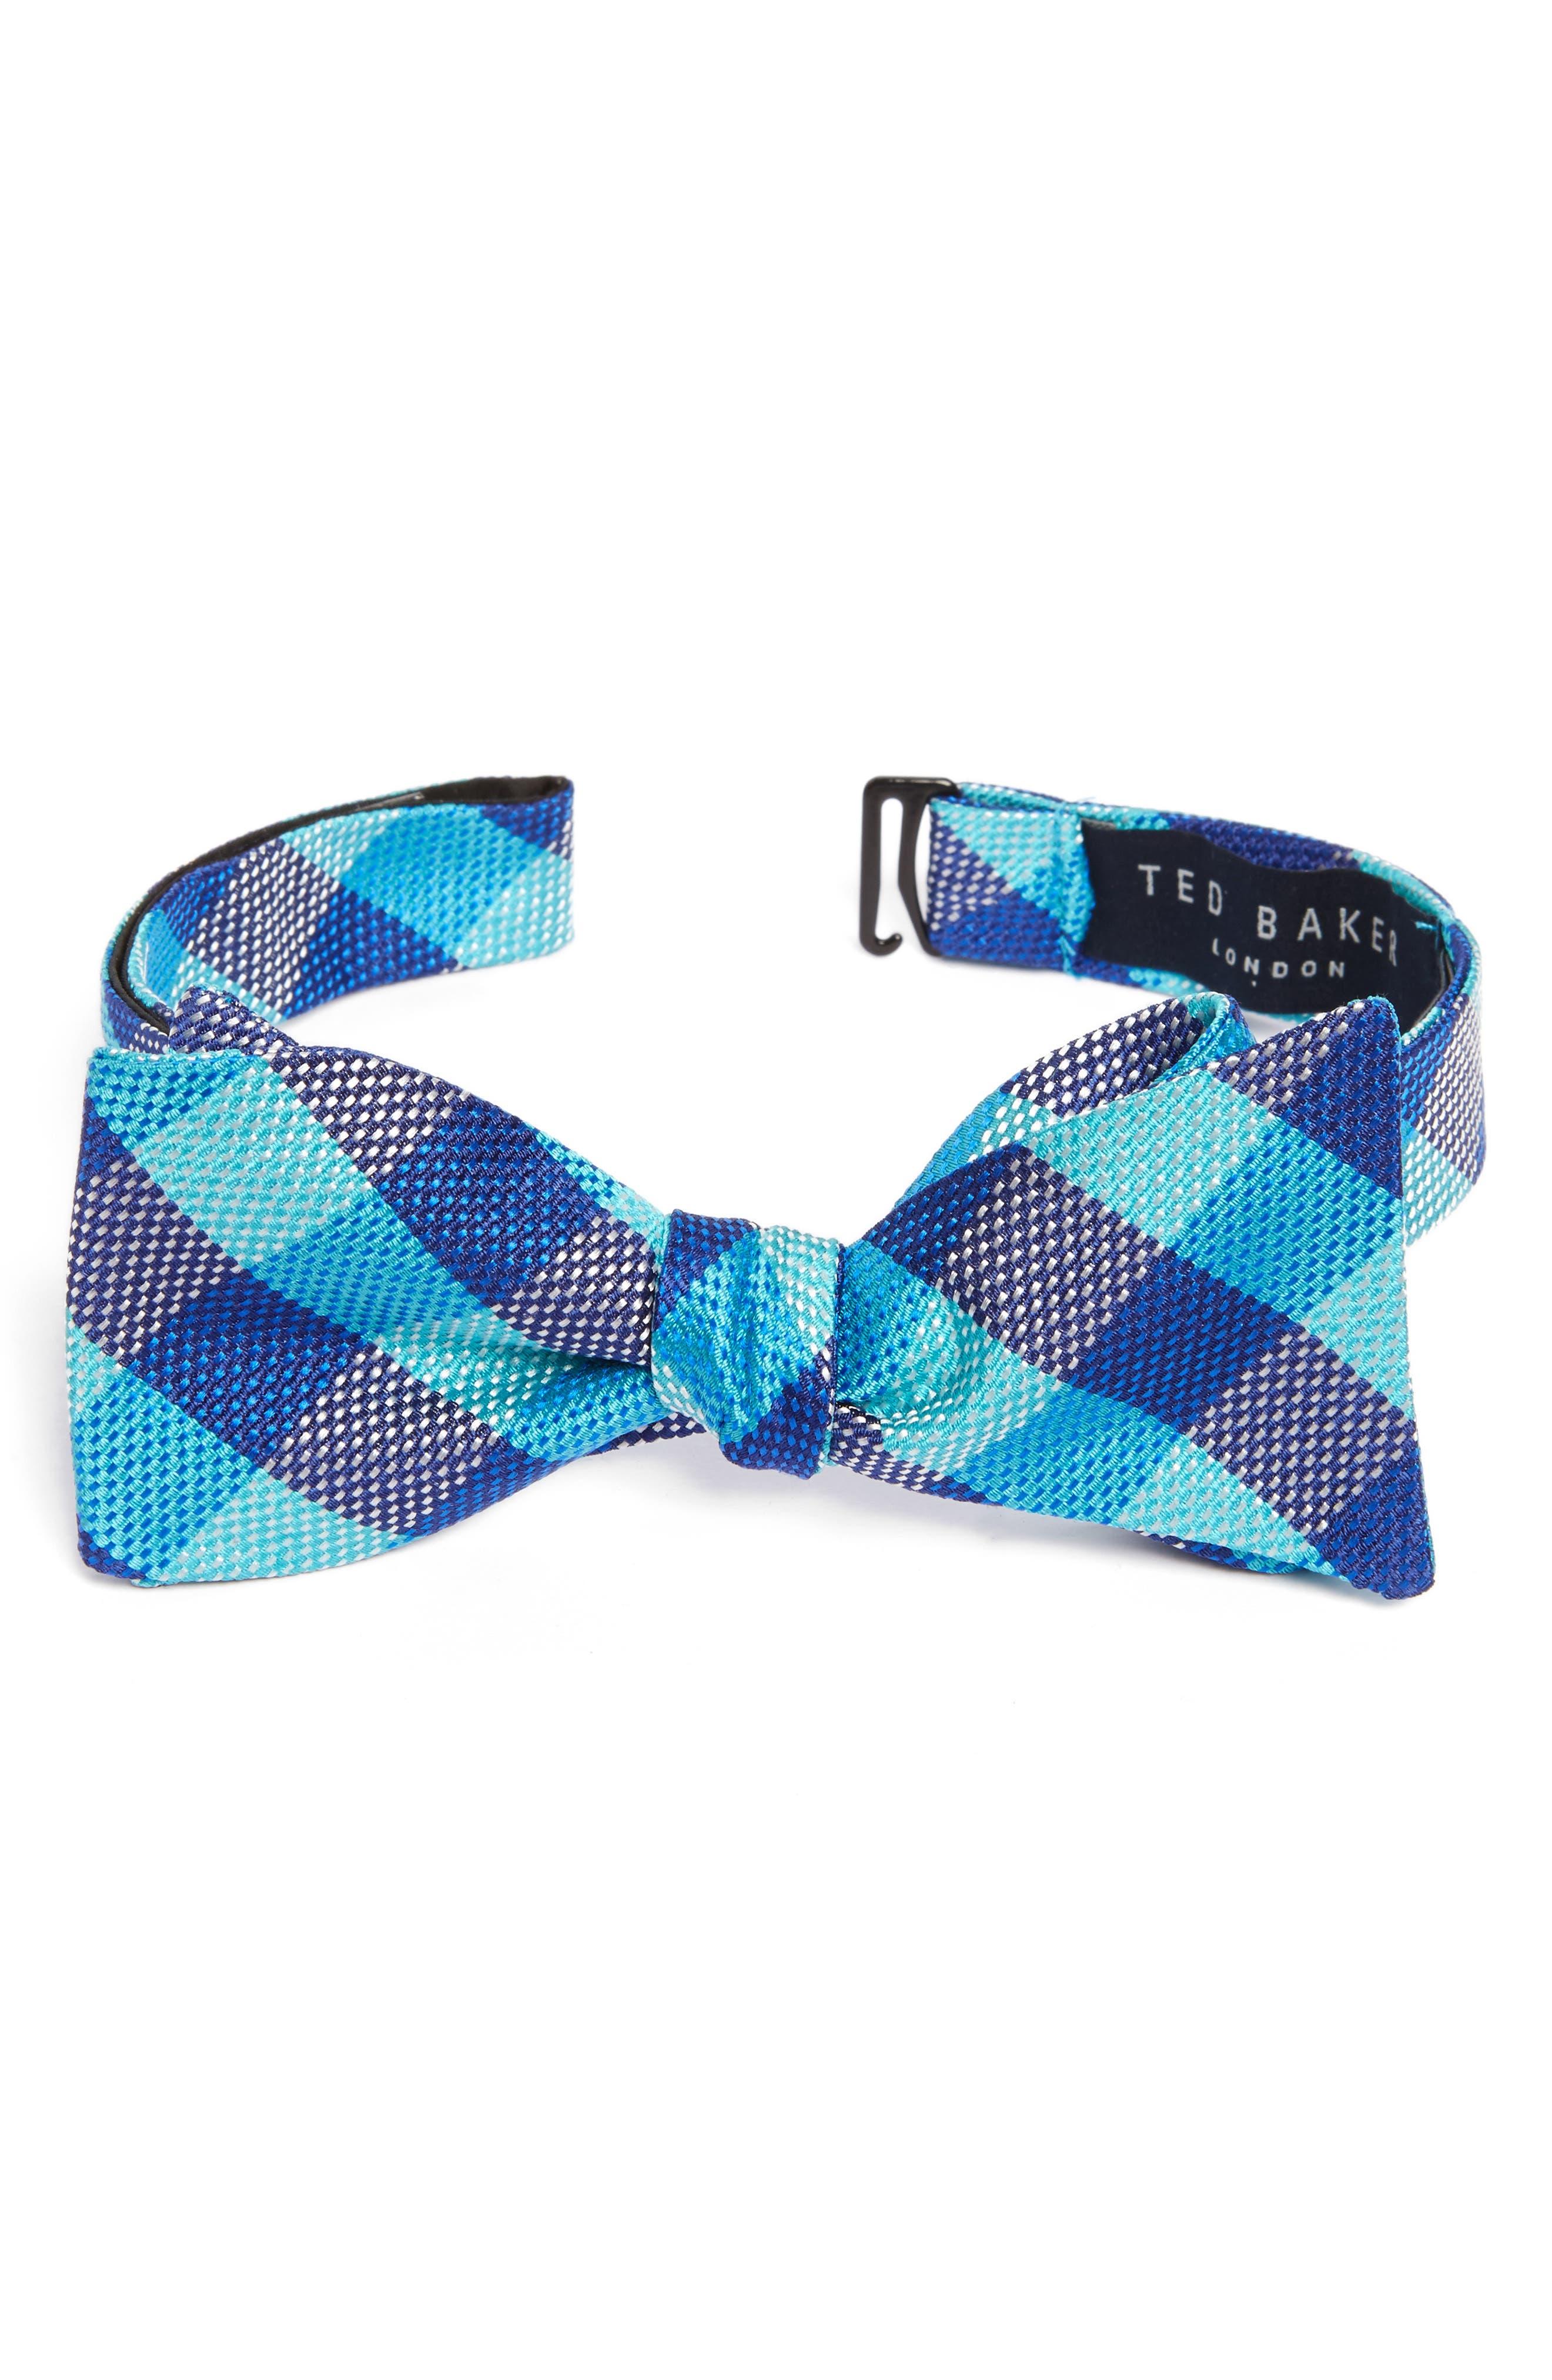 Derby Check Silk Bow Tie,                         Main,                         color, Aqua/ Teal